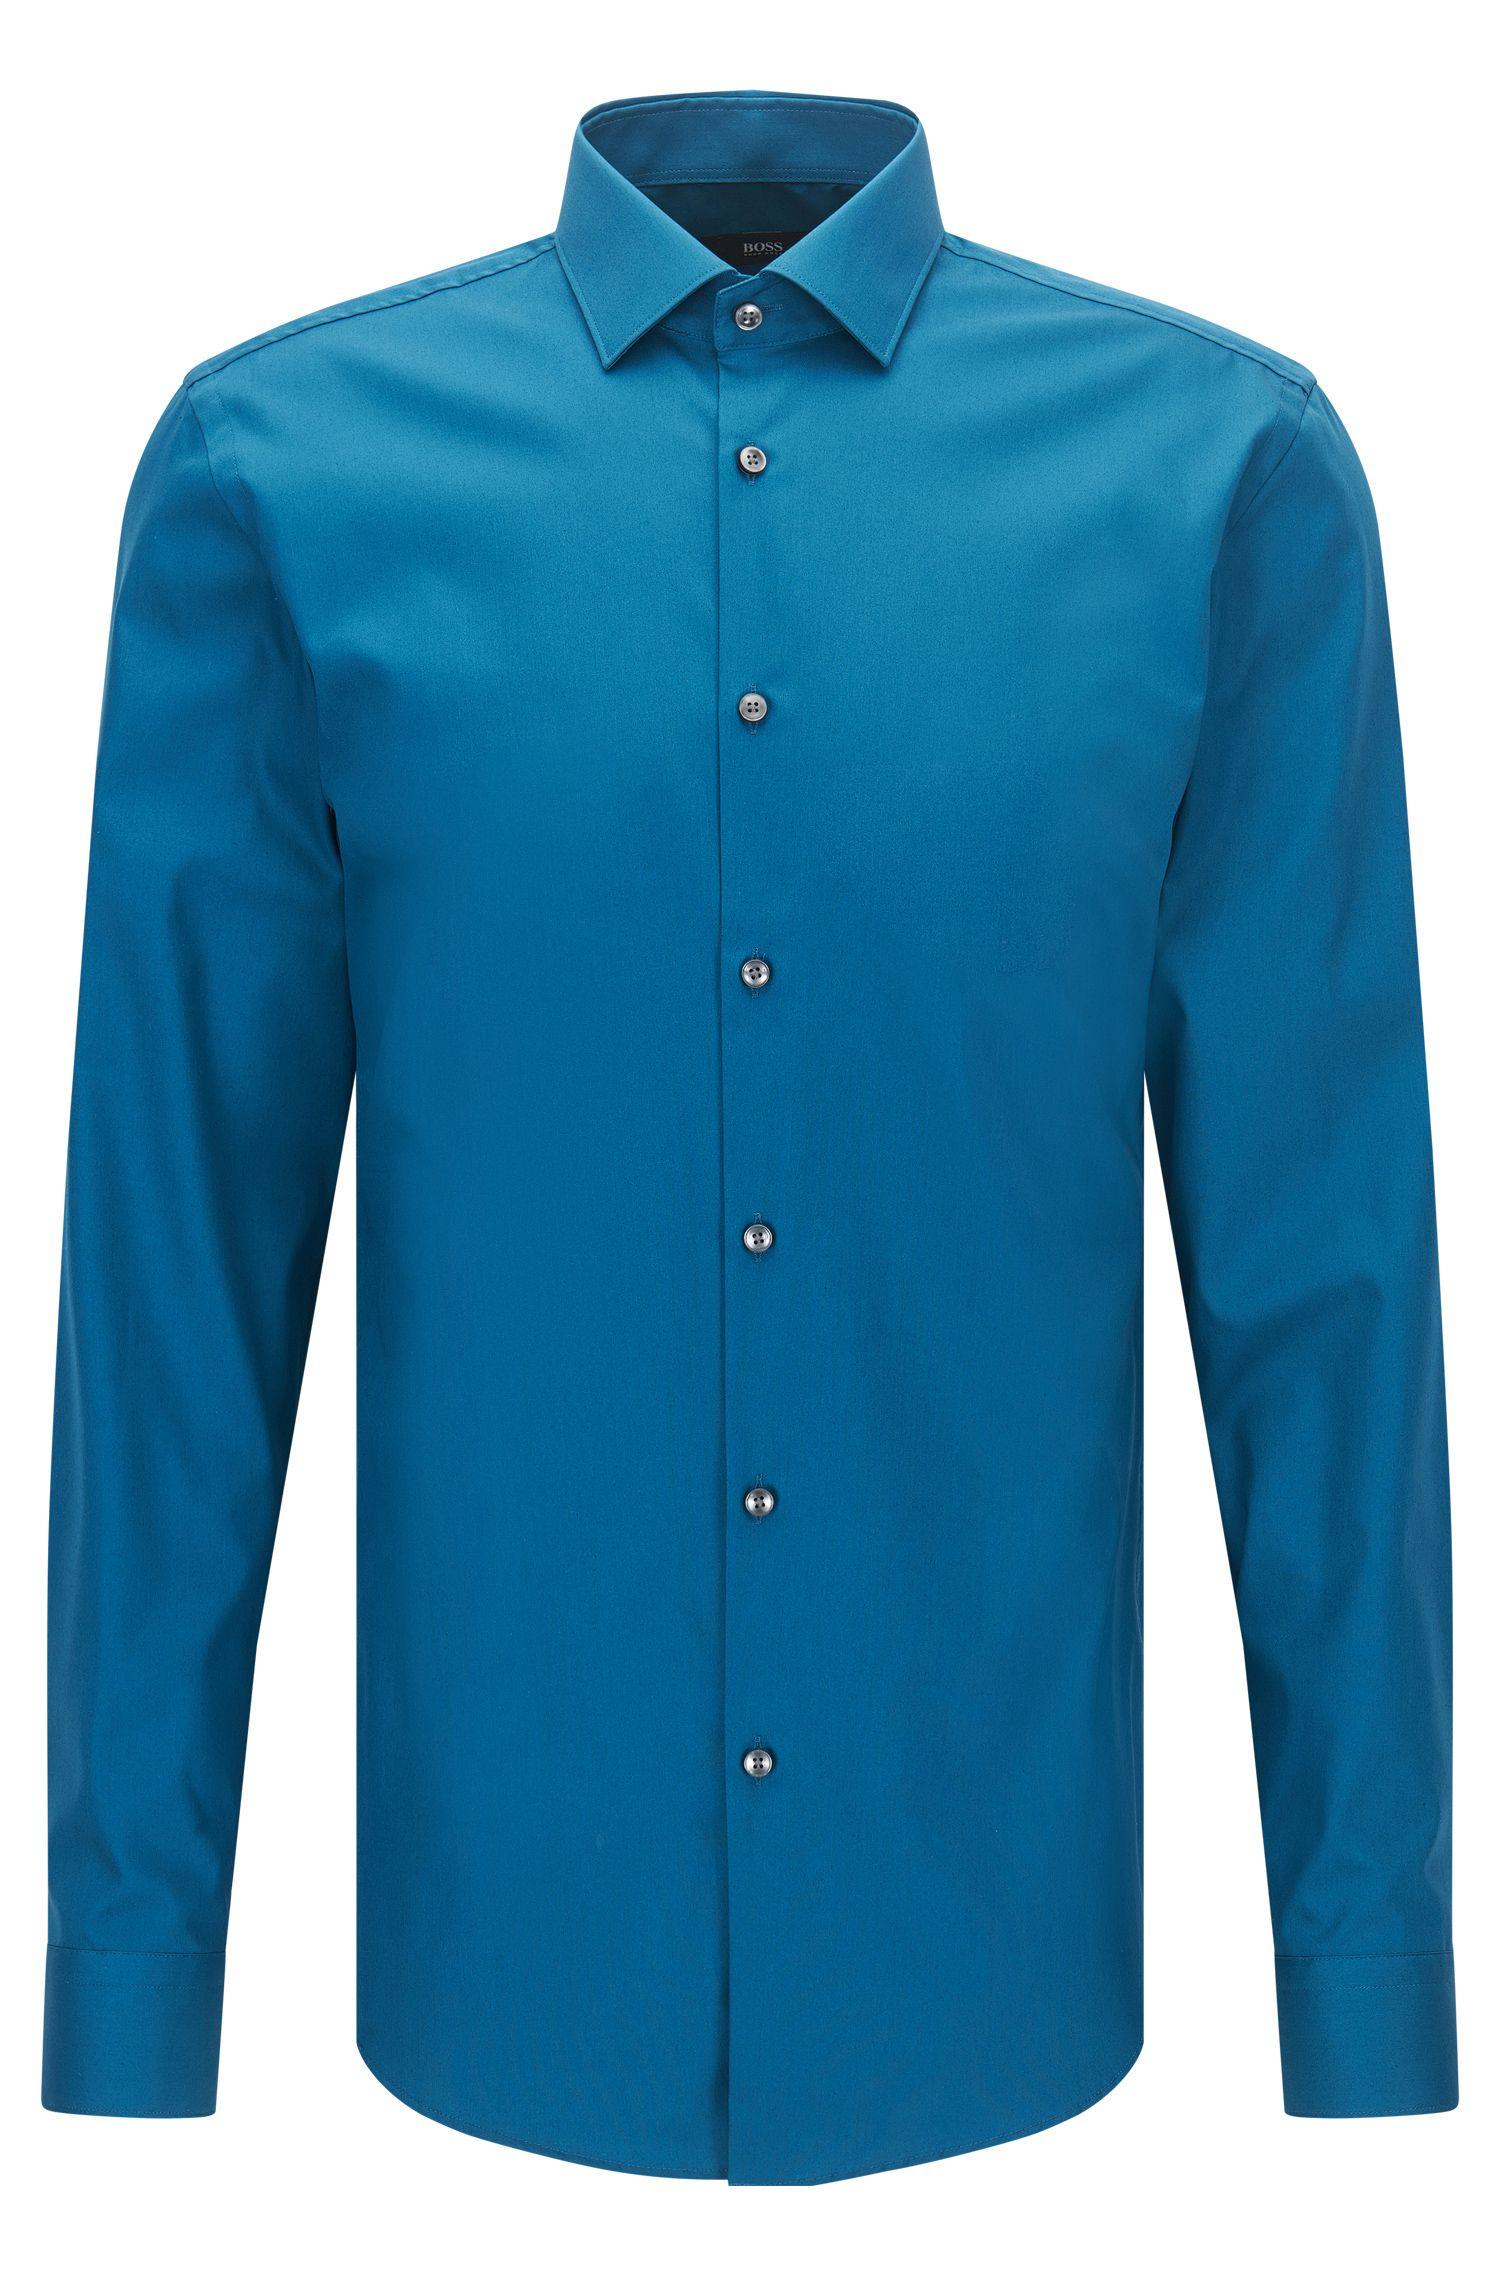 Unifarbenes Slim-Fit Hemd aus Baumwoll-Popeline